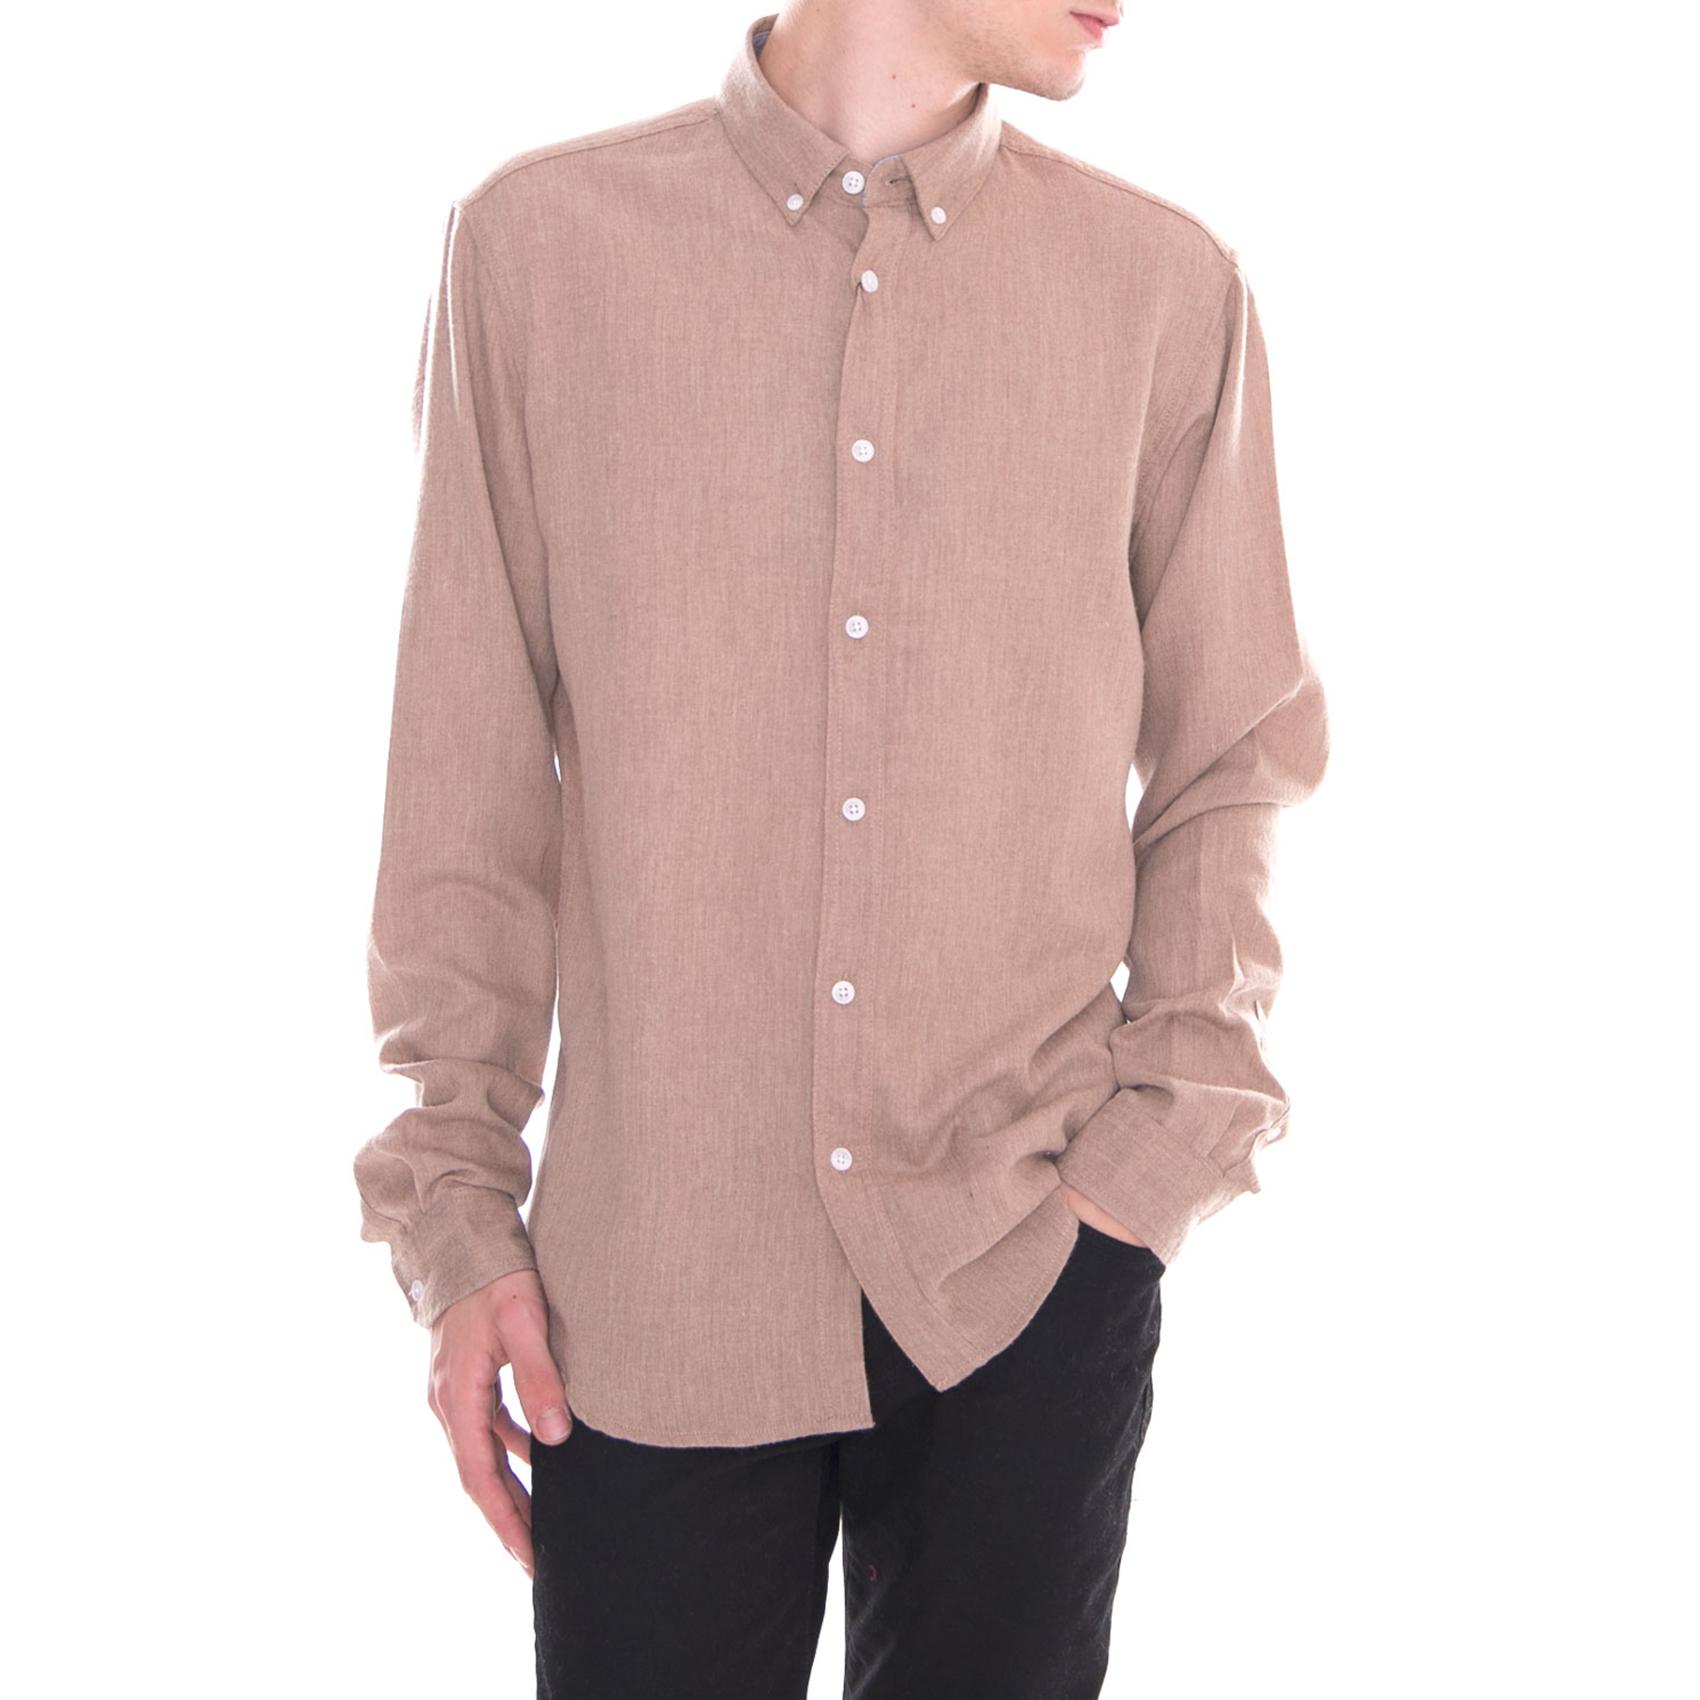 Solid Shirts Juan Ginger Sna Beige Beige